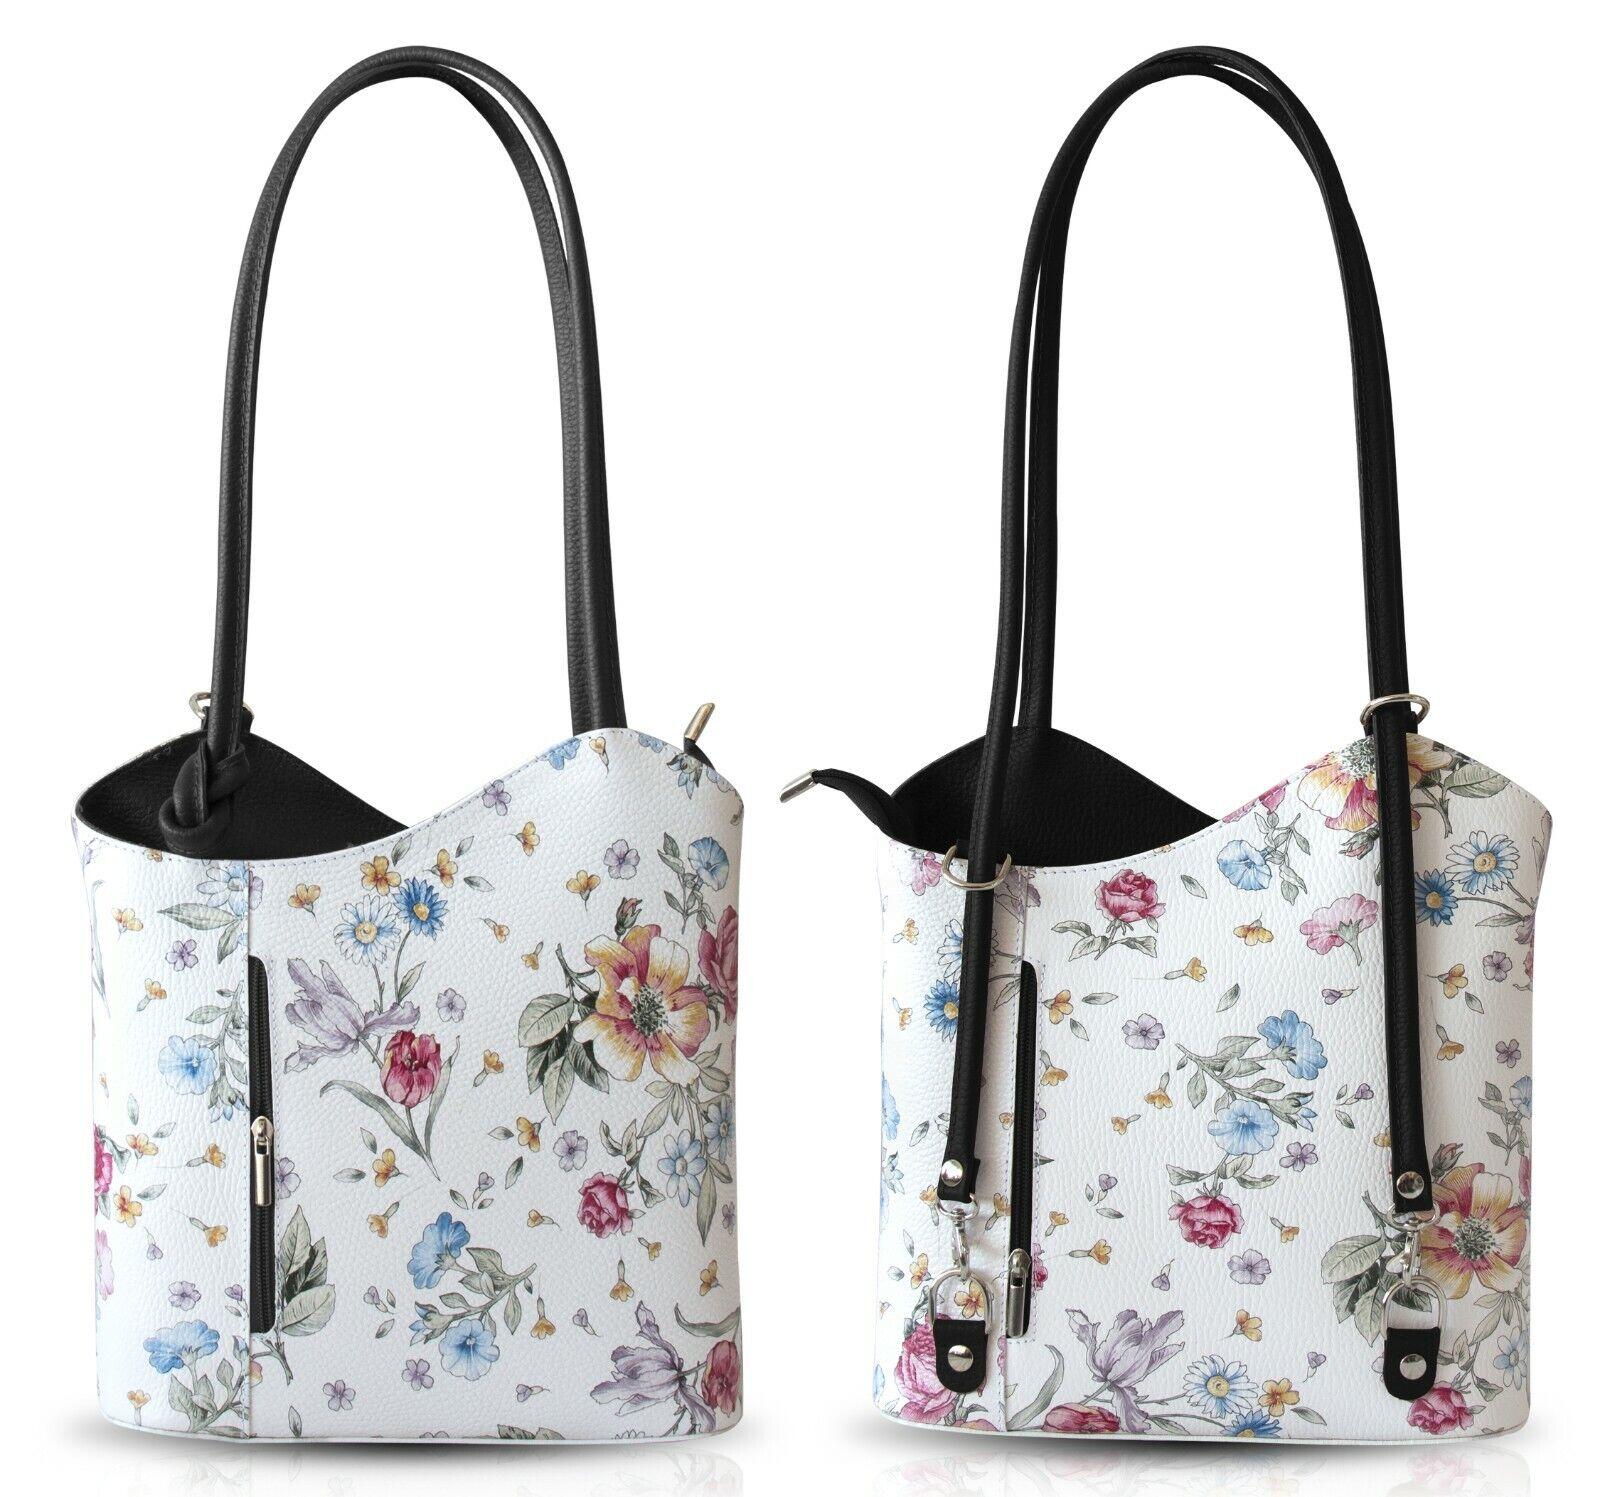 0ce9f867fed90 Damen Handtasche Leder Rucksack Damentaschen Backpack Schultertasche  Ledertasche ...